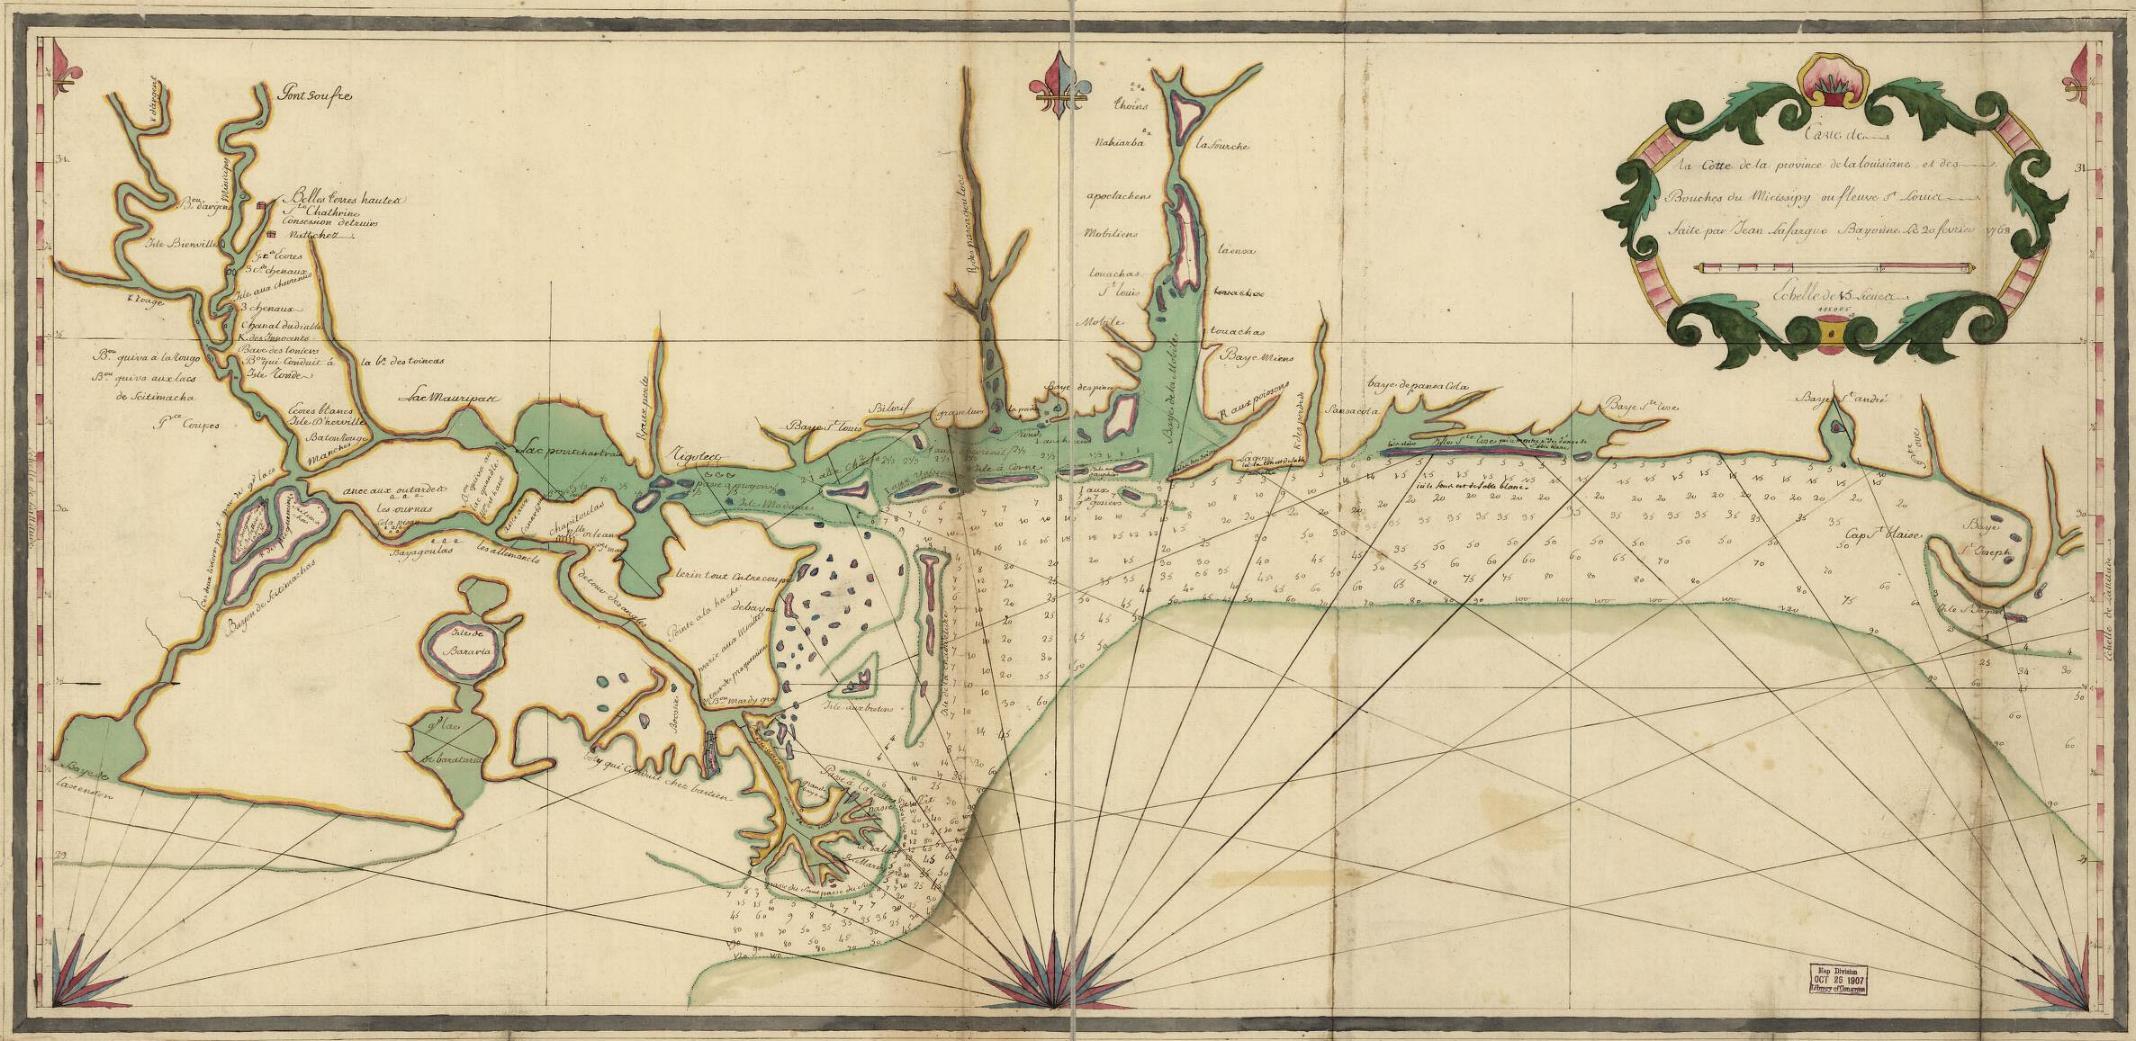 Index Of Mapslouisianastatemap - Louisiana historical map